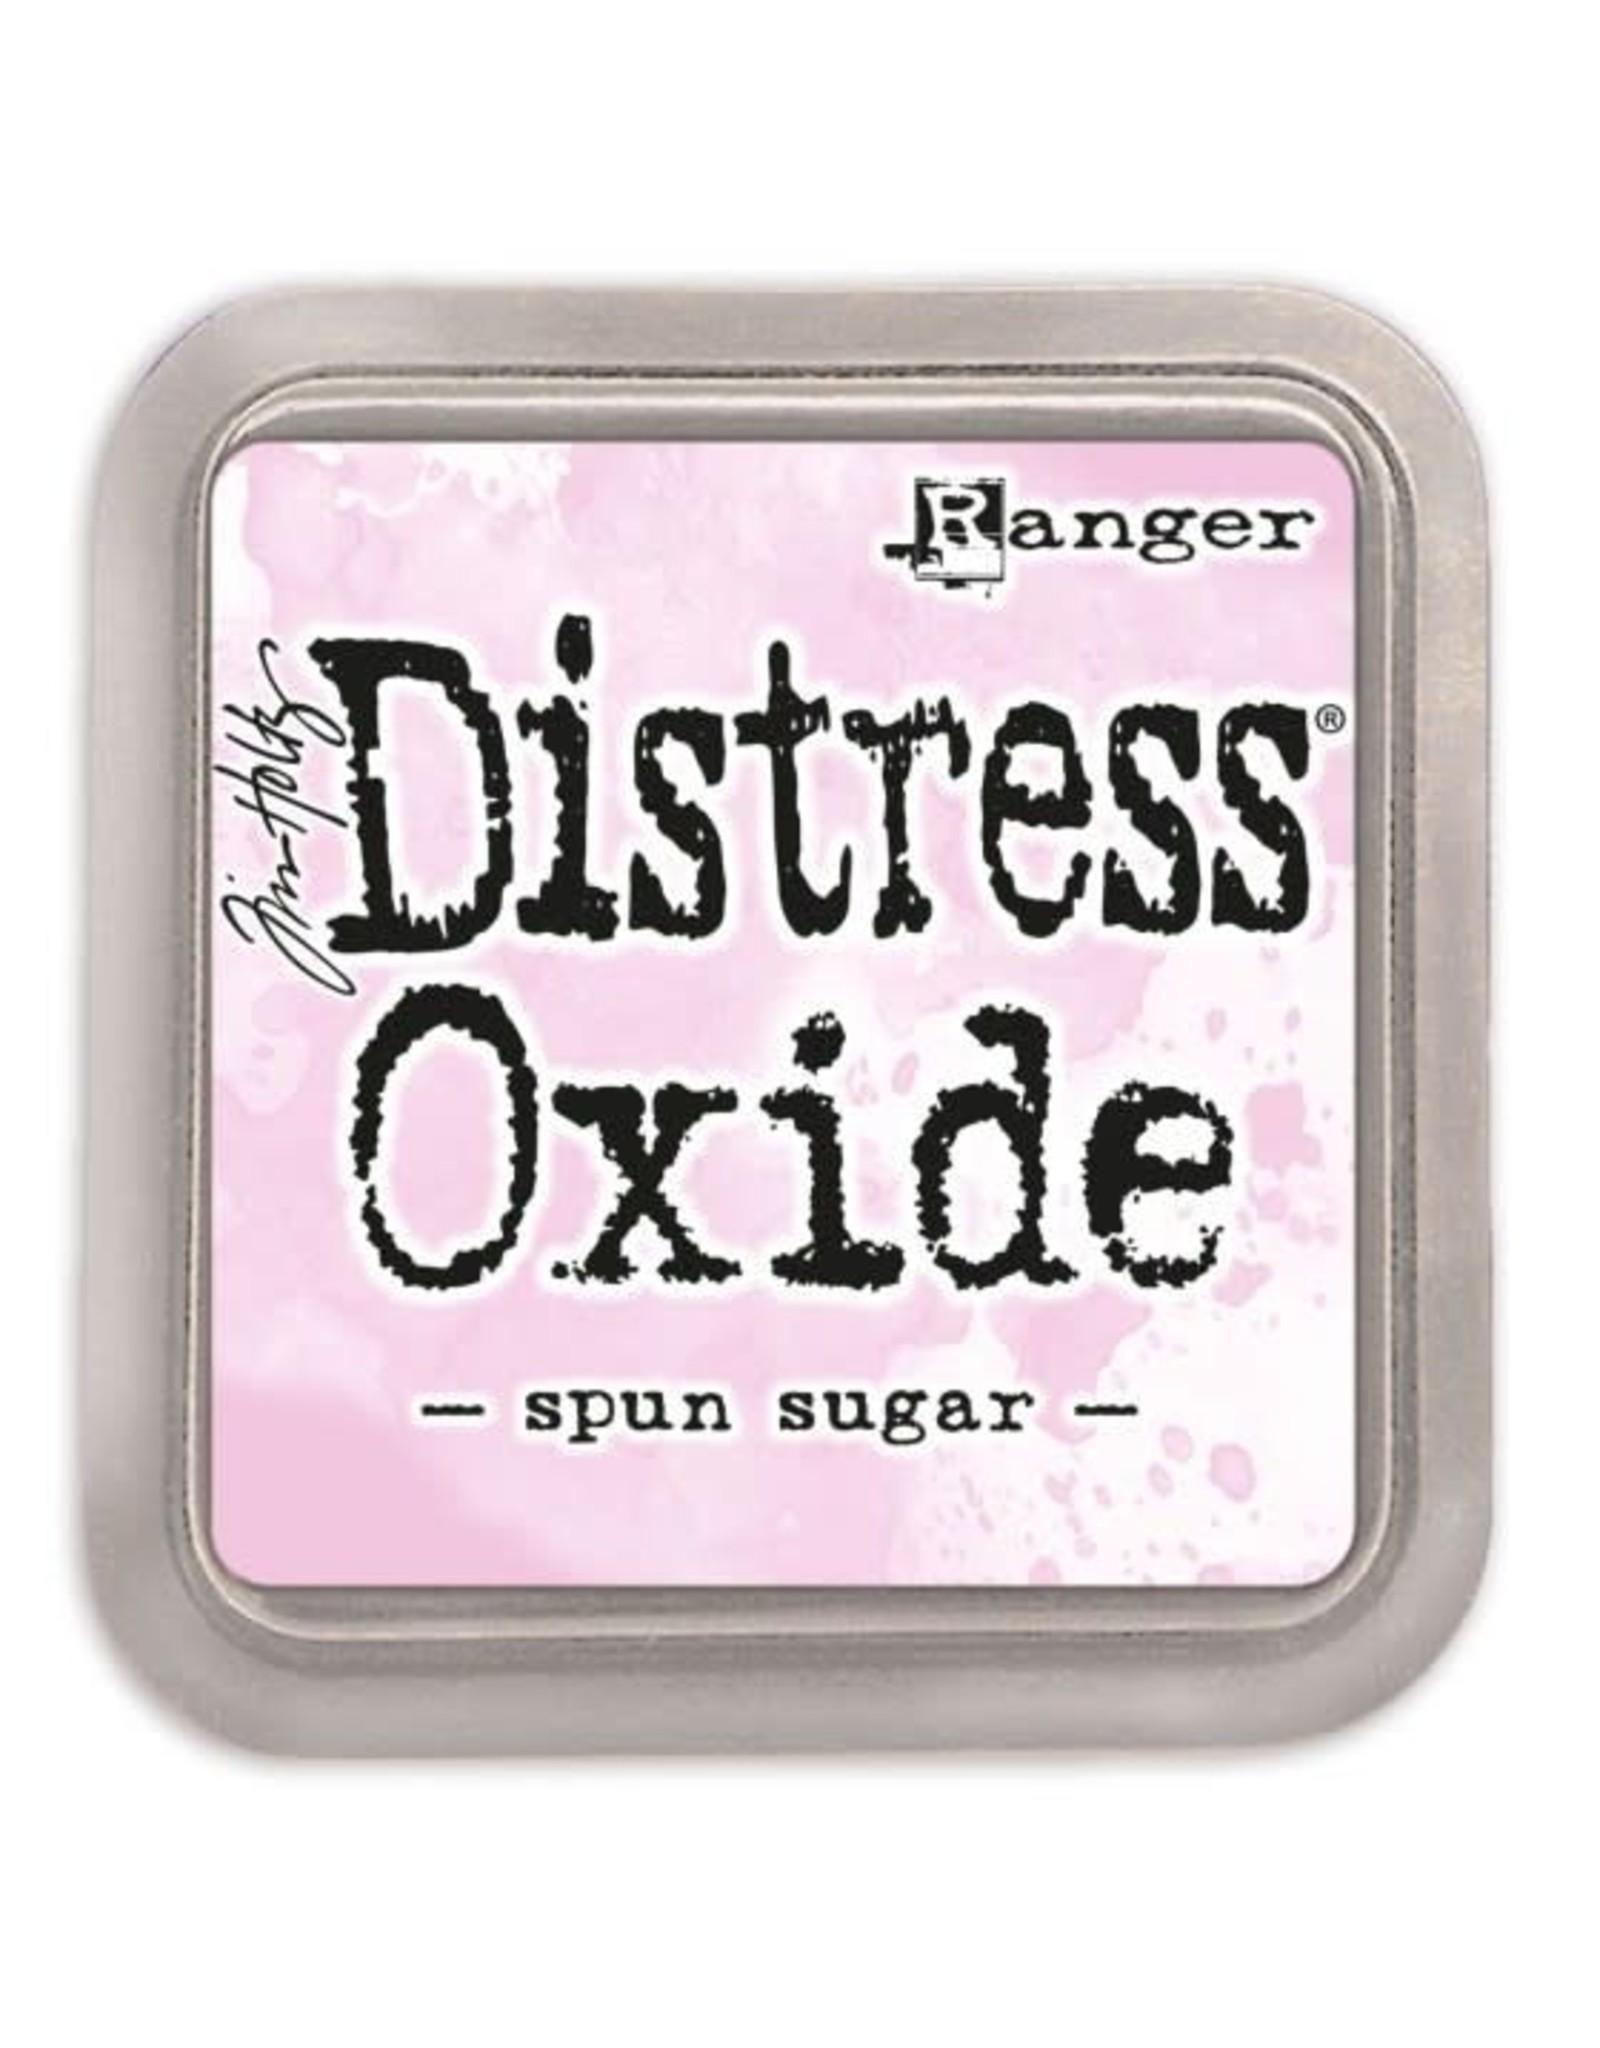 Ranger Distress Oxide Ranger distress oxide spun sugar